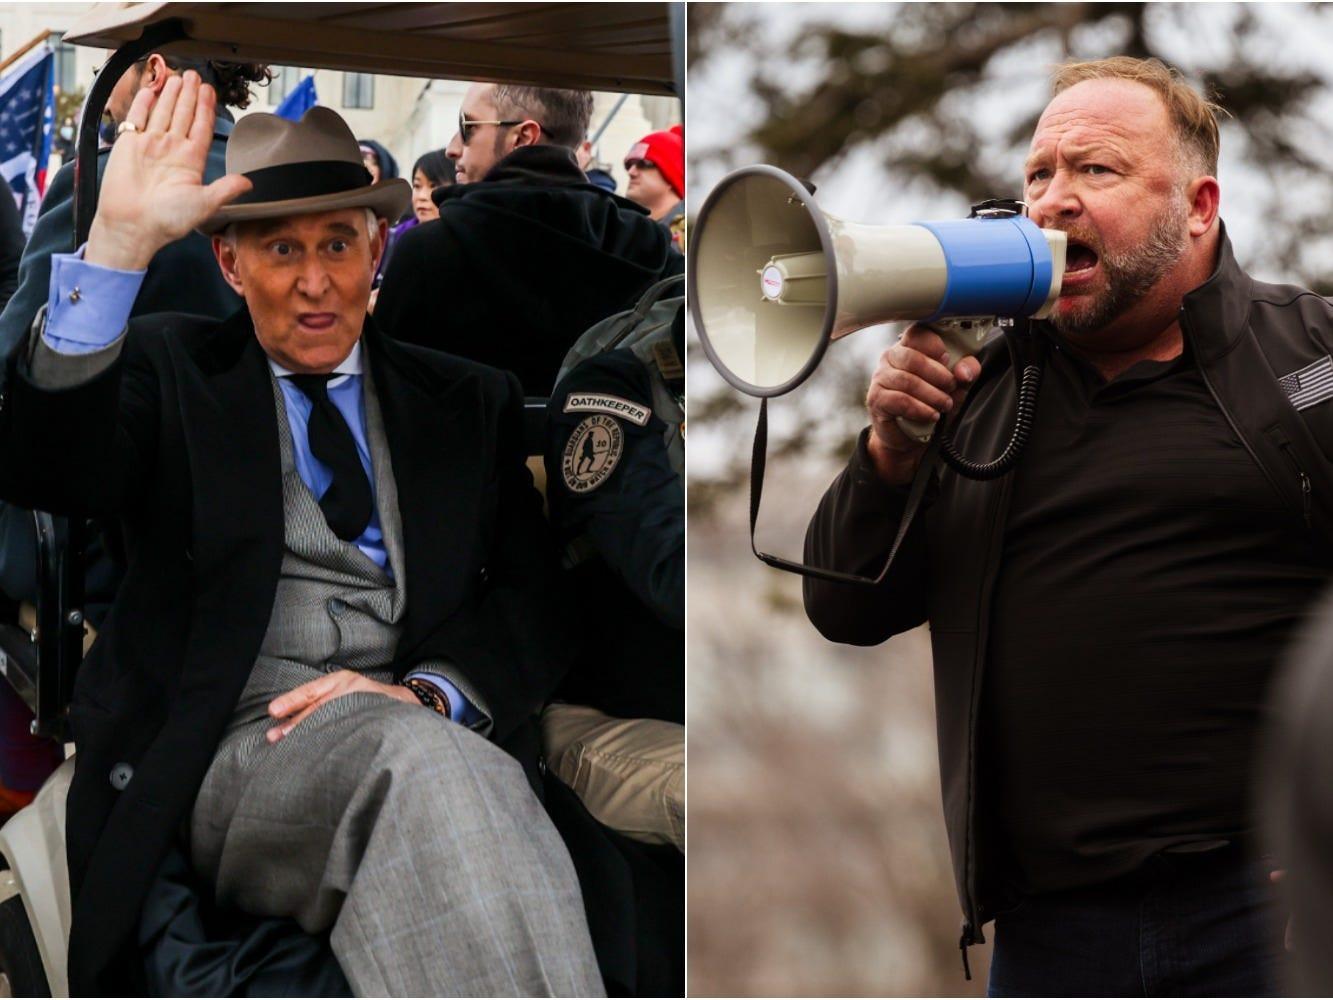 O Departamento de Justiça e o FBI estão investigando se Roger Stone e Alex Jones desempenharam um papel no cerco ao Capitólio, diz o relatório